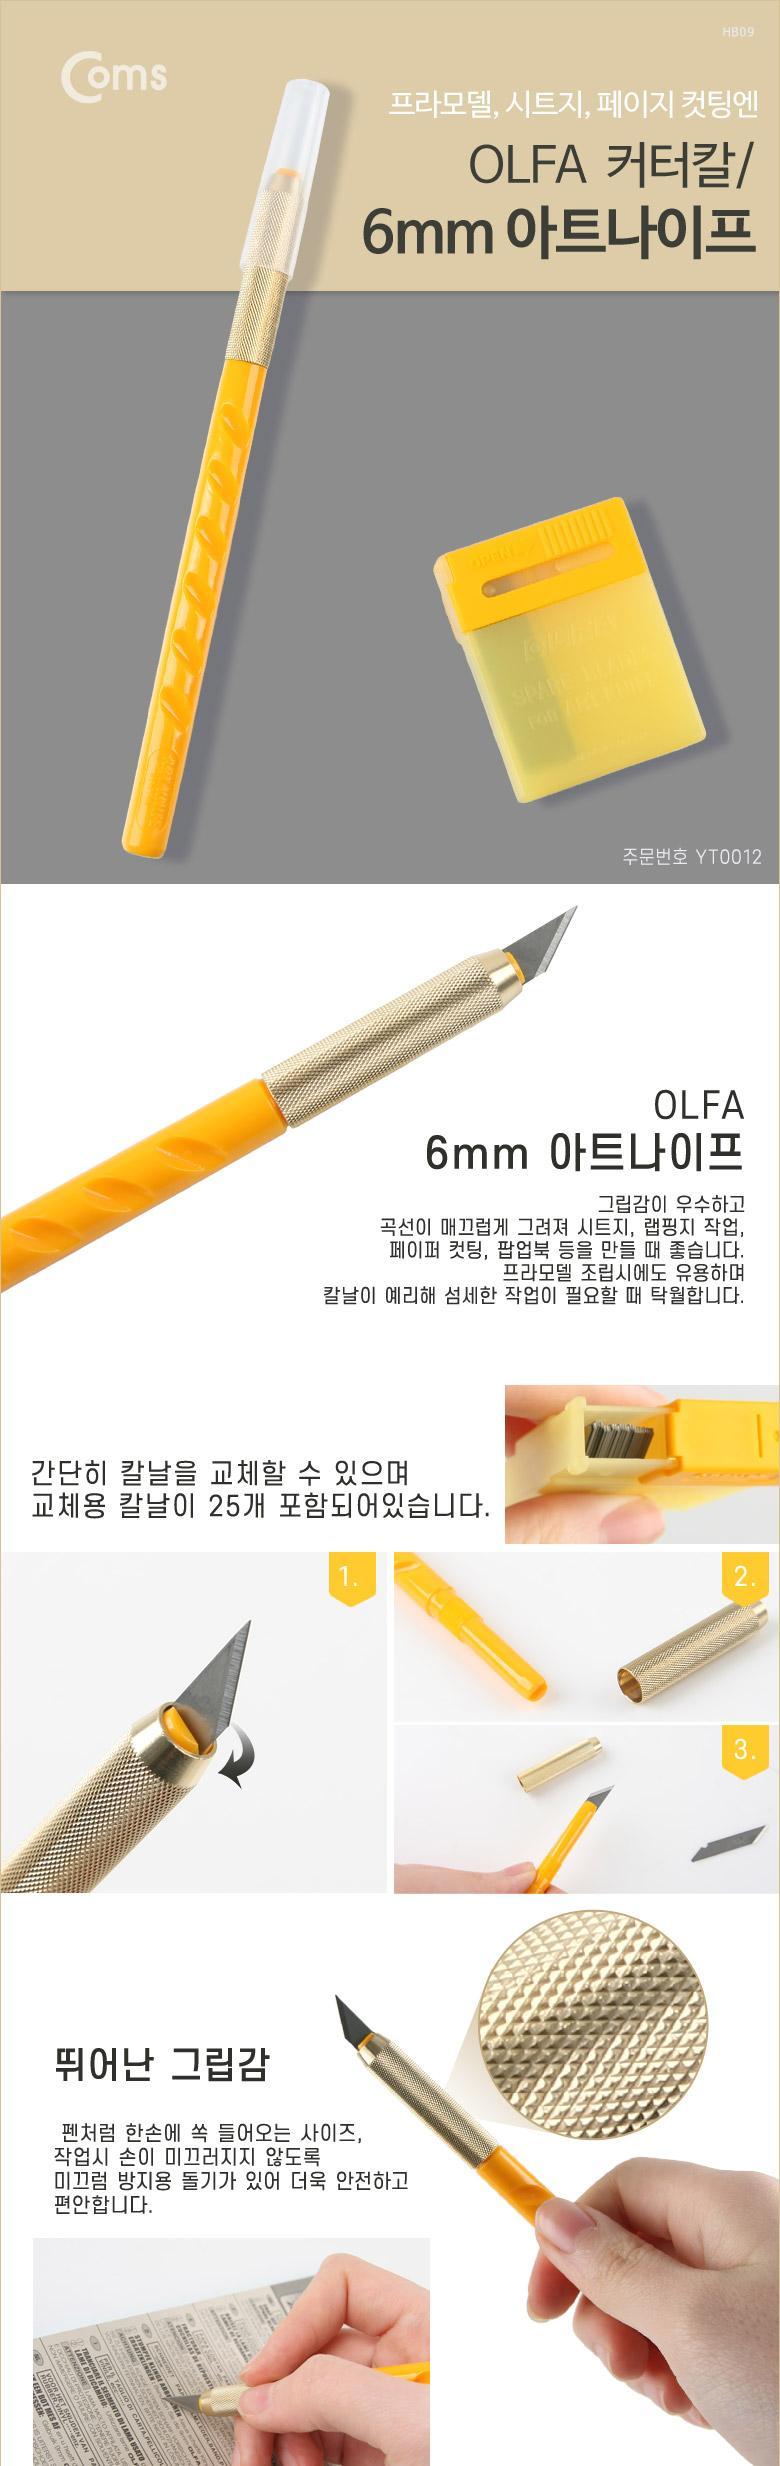 Coms 올파 커터칼(OLFA) AK-1 아트나이프 디자인모형 디자인모형소품 디자인소품공구 모델링공구 니퍼공구류 장식소품공구